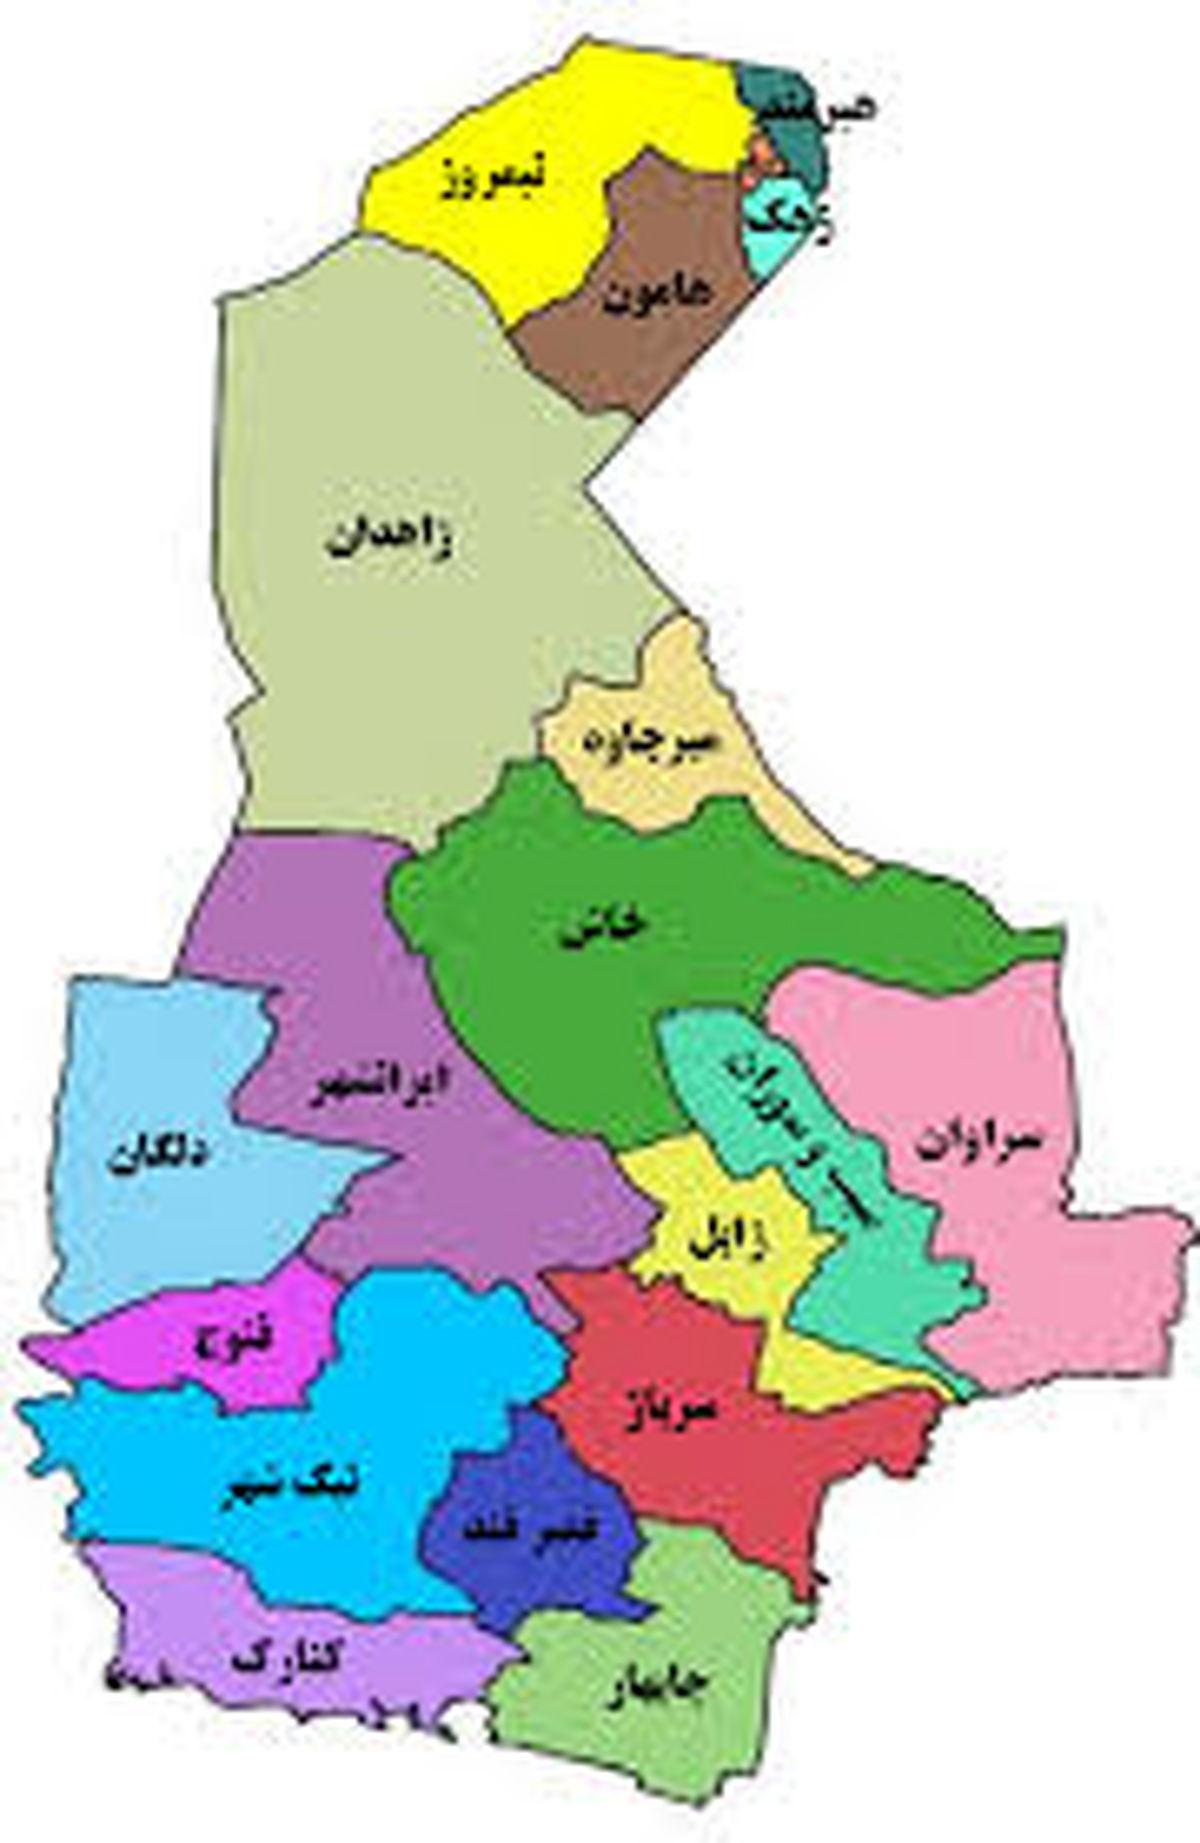 تعداد دقیق شهدای جنگ تحمیلی استان سیستان و بلوچستان